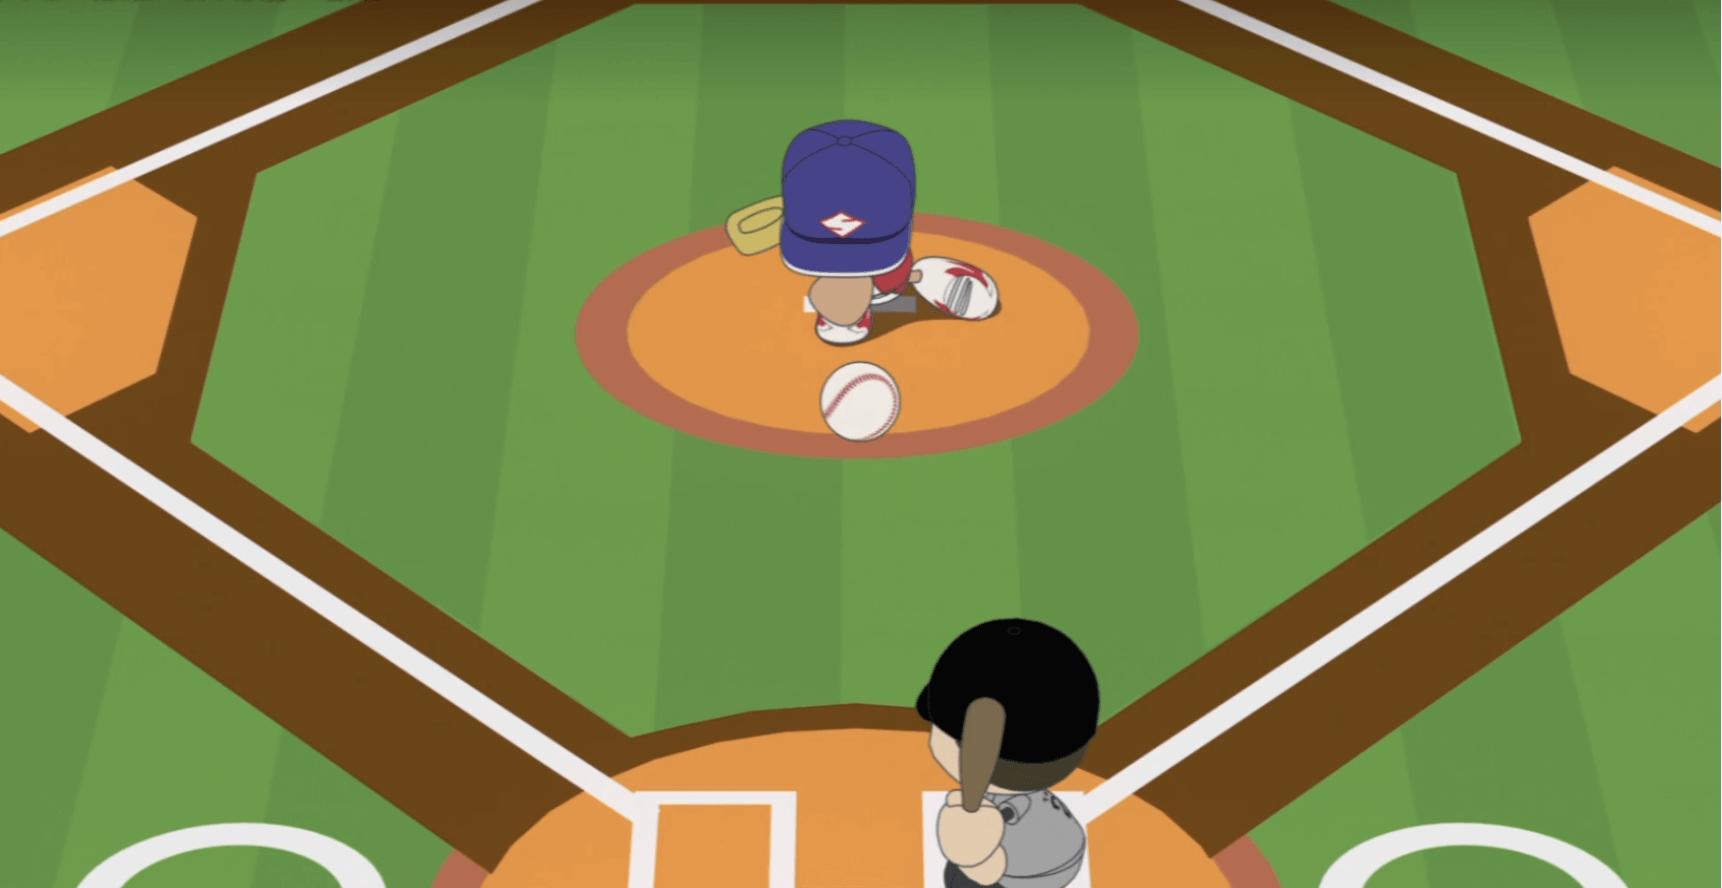 グラゼニ|左のワンポイント投手